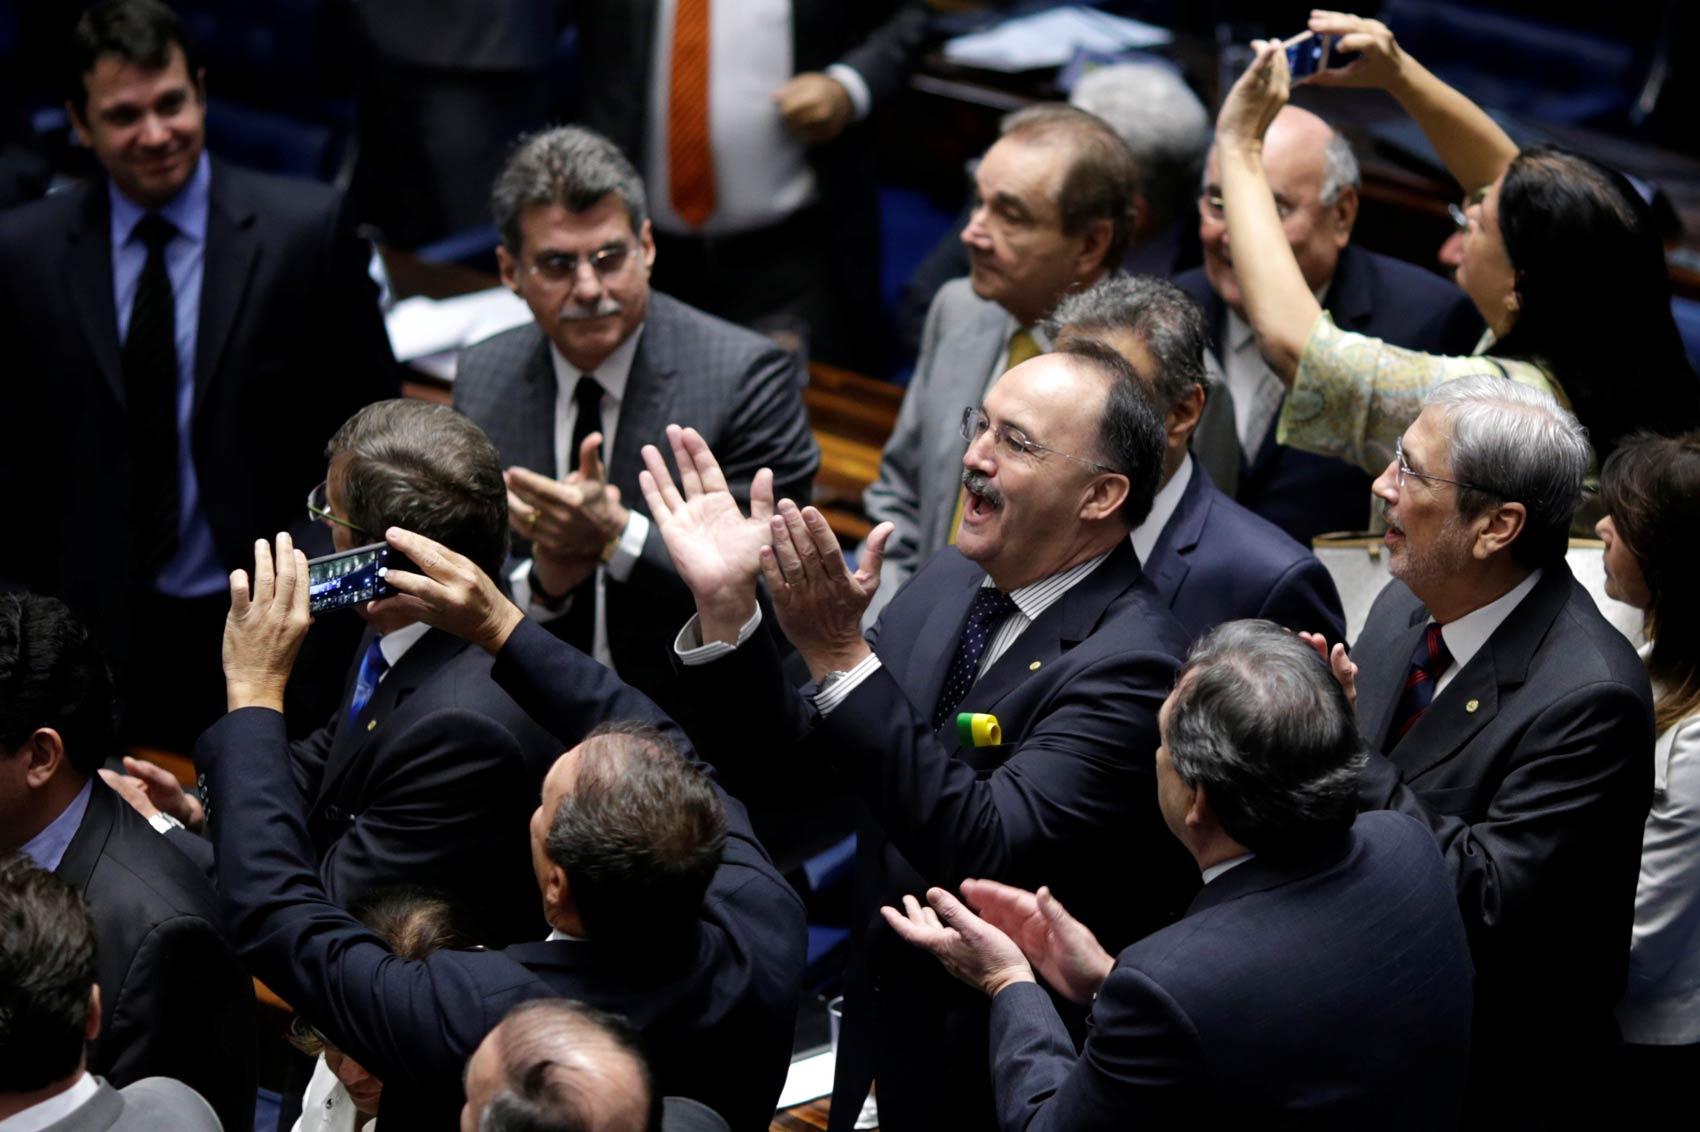 Senadores a favor do impeachment aplaudem após a votação que decidiu pela admissibilidade no Senado Federal, em Brasília